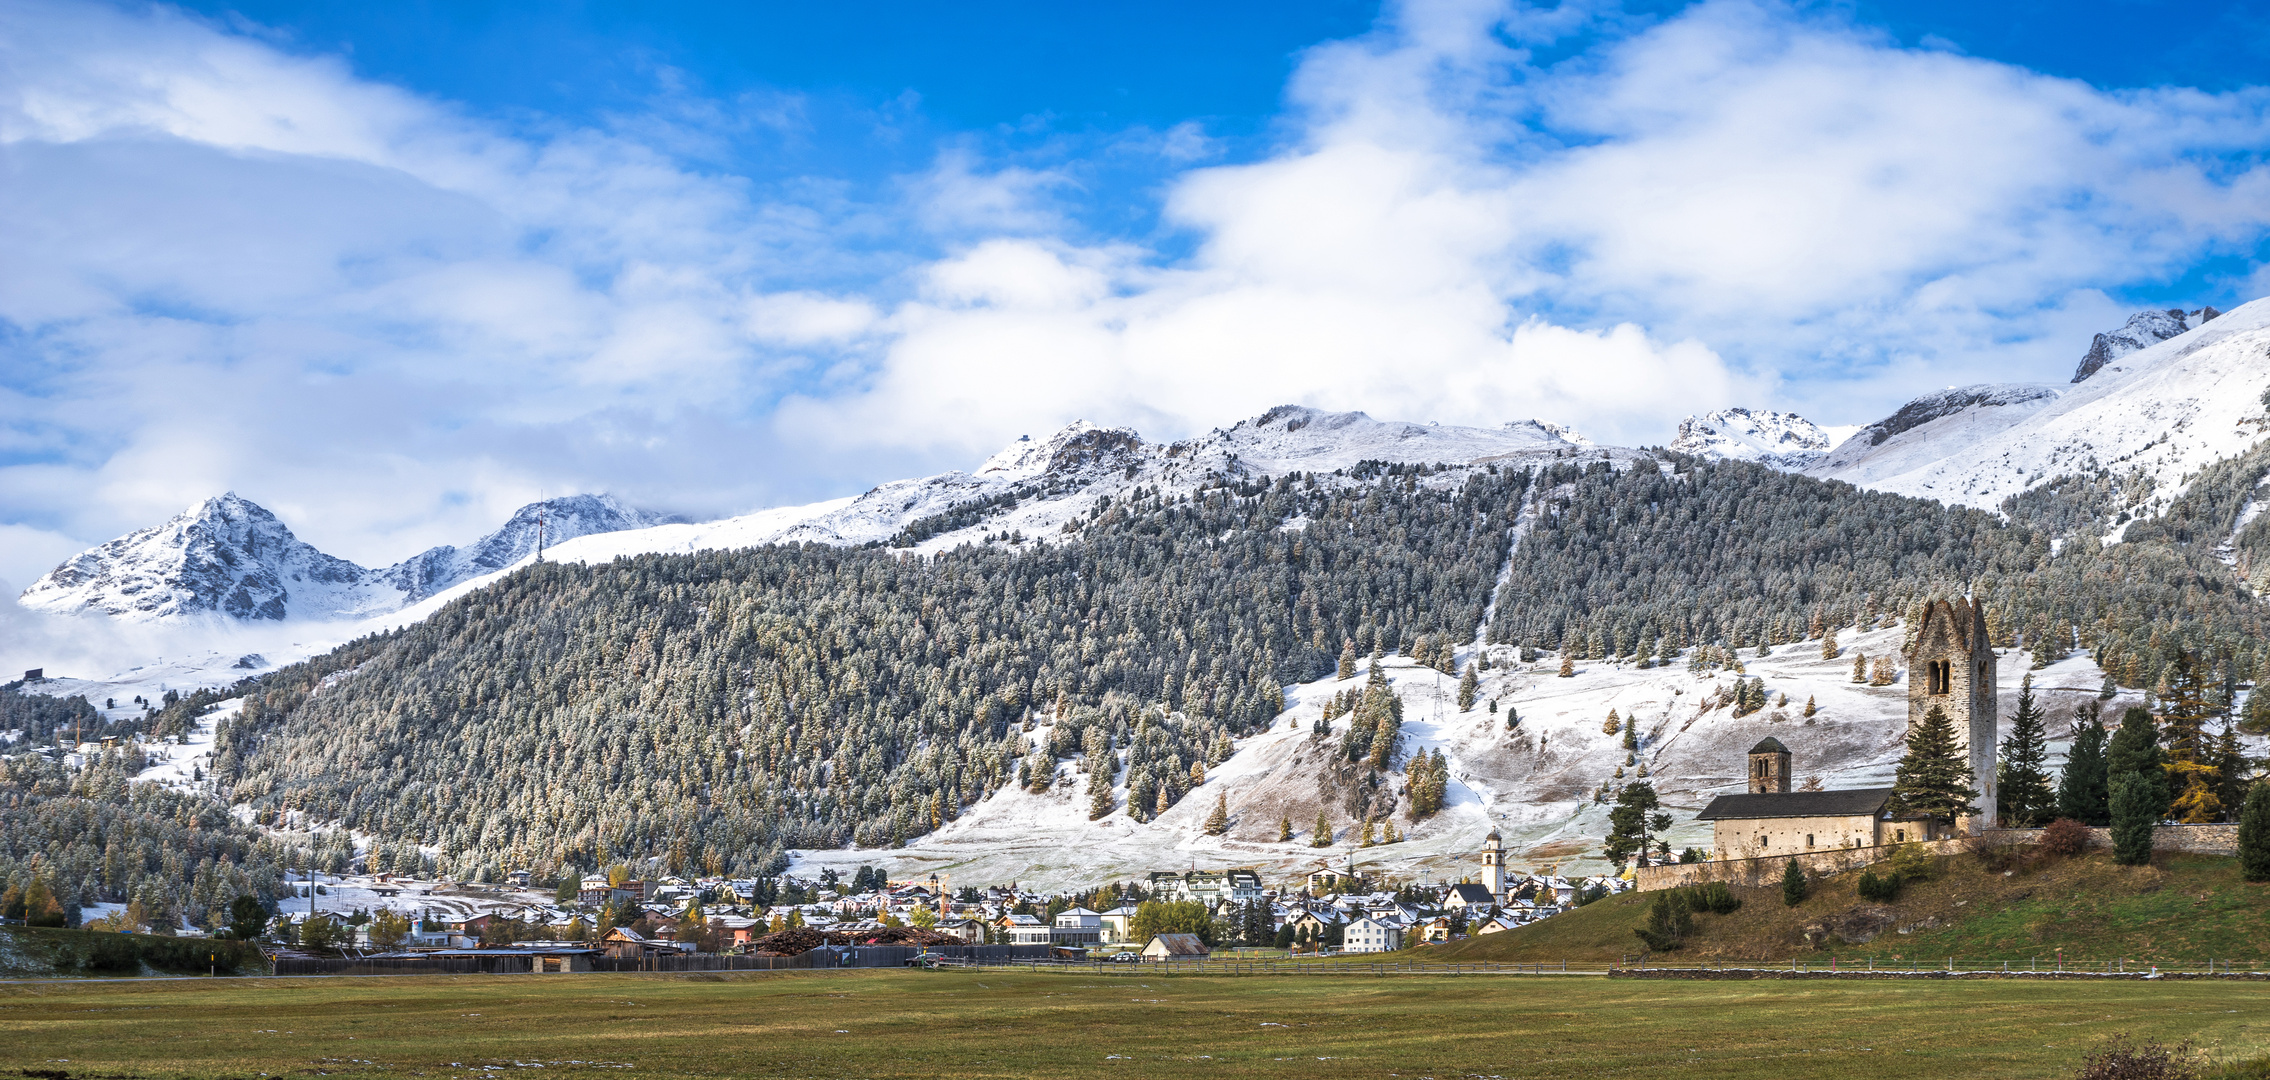 Kirche San Gian nach dem ersten Schneefall (16.10.2020)